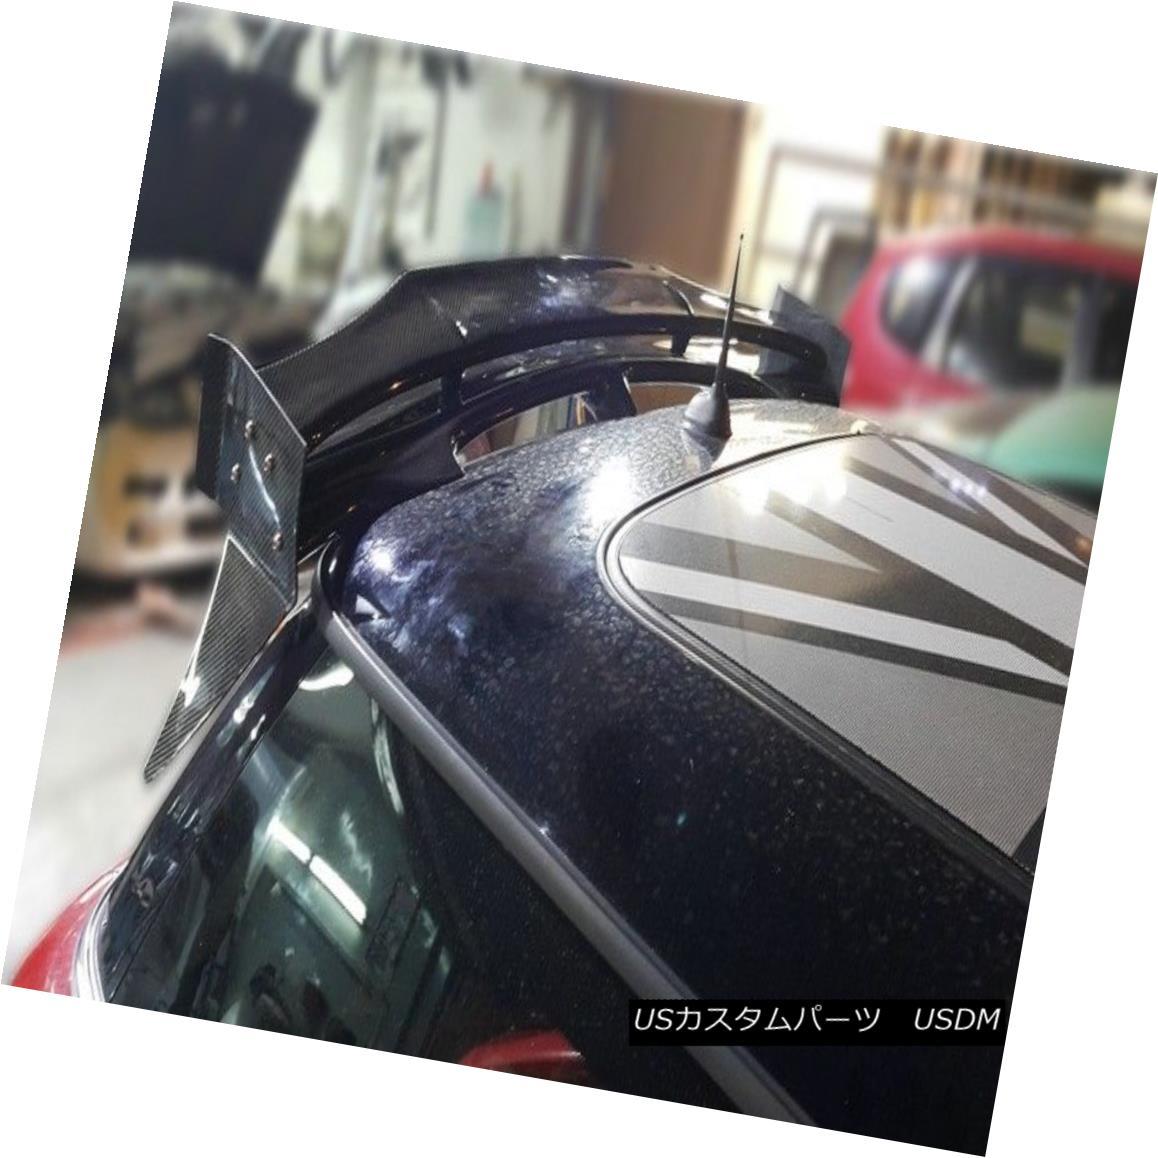 エアロパーツ Rear Roof Spoiler Window Lip For Mini Cooper S R56 07-13 DUAG Carbon Fiber ミニクーパーSのためのリアルーフスポイラーウィンドウリップ07-13 DUAGカーボンファイバー